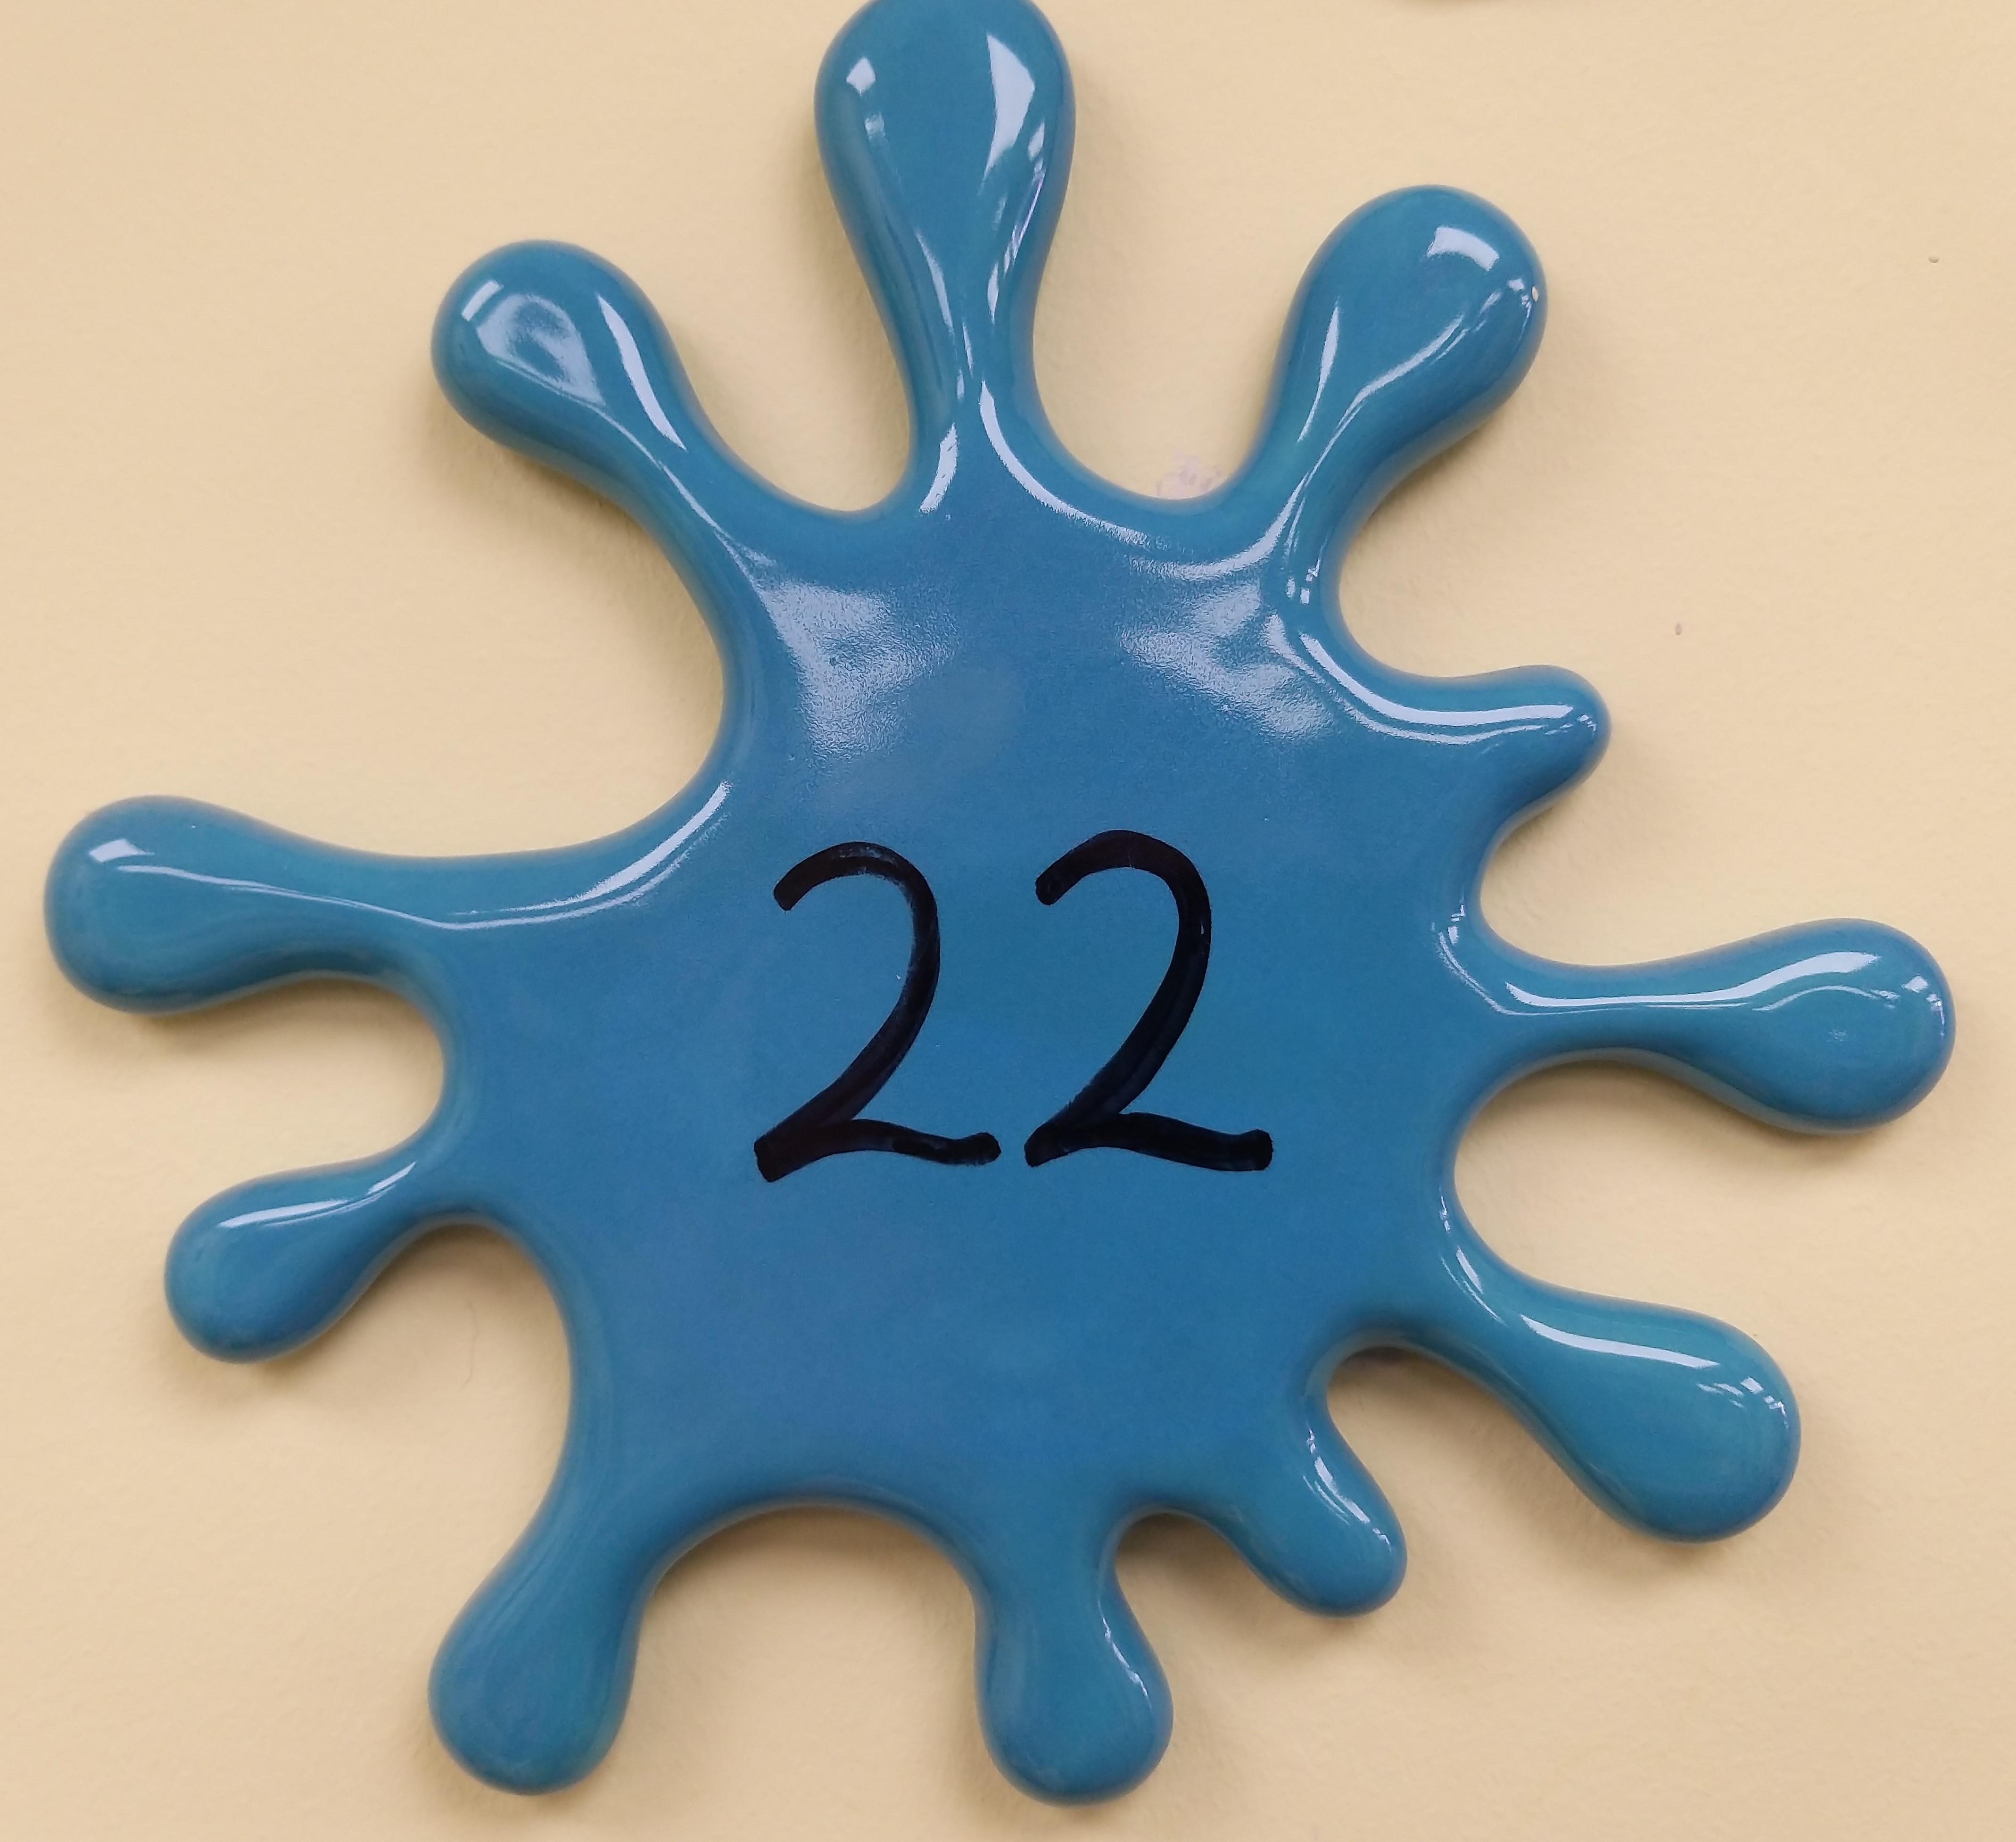 22. Turquoise